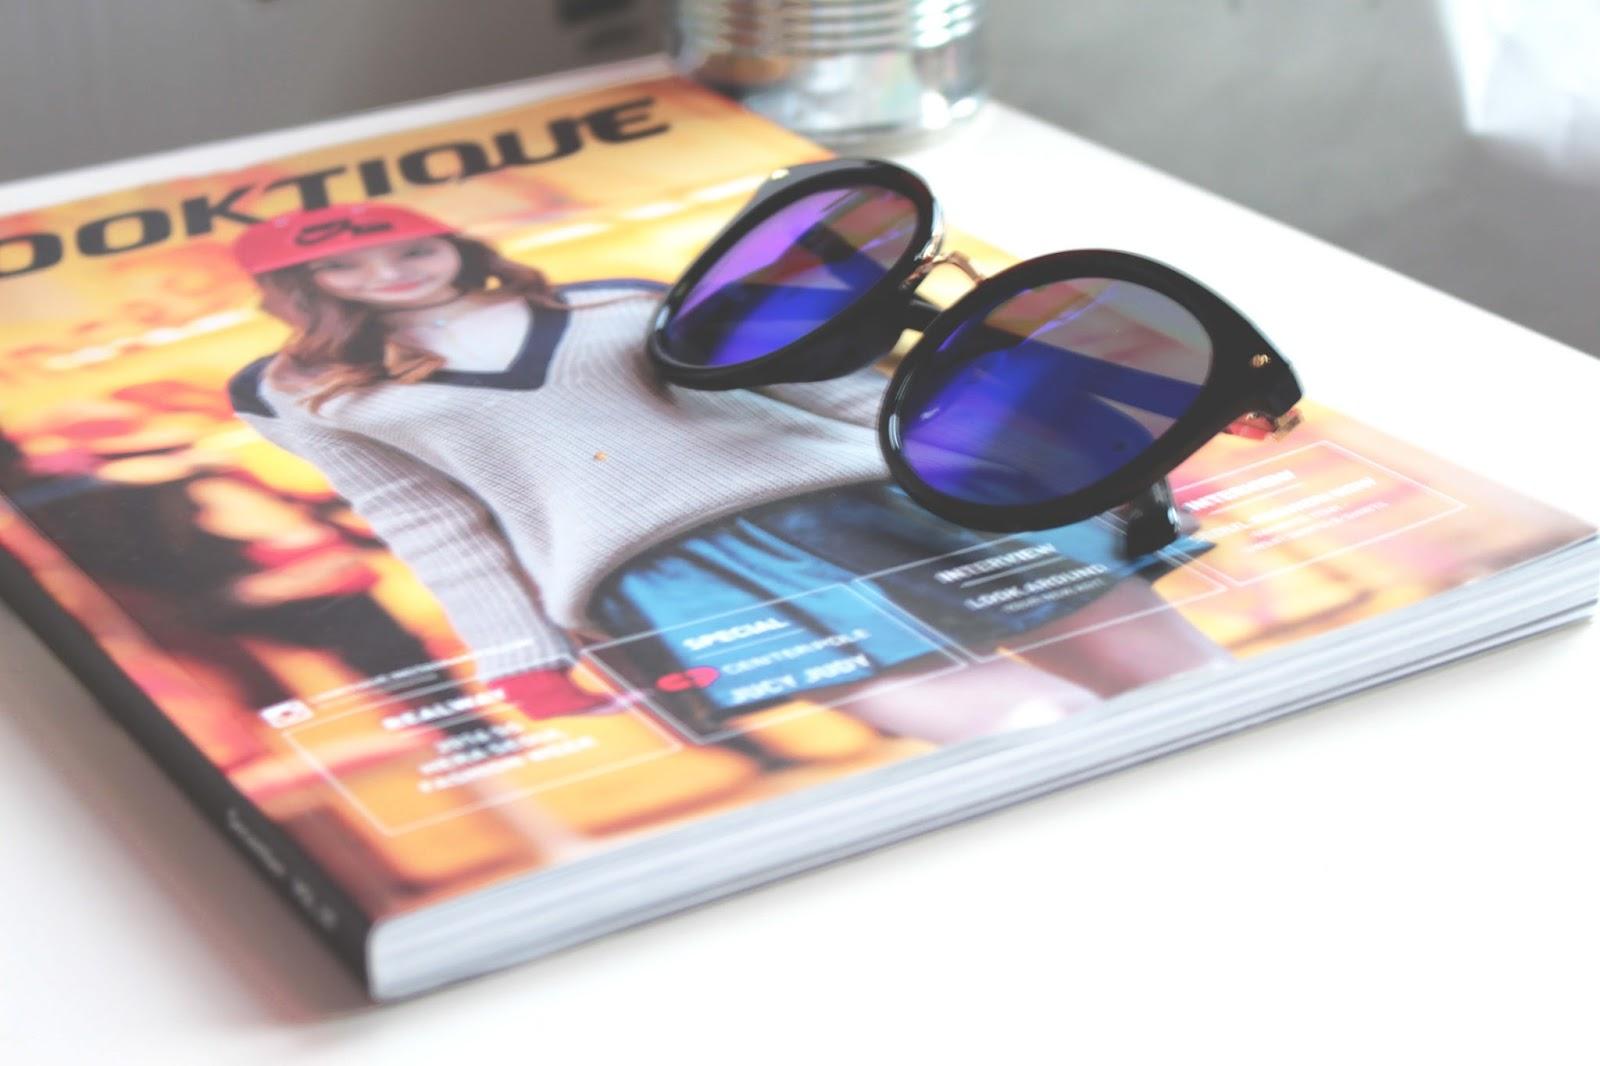 firmoo optical eyewear review